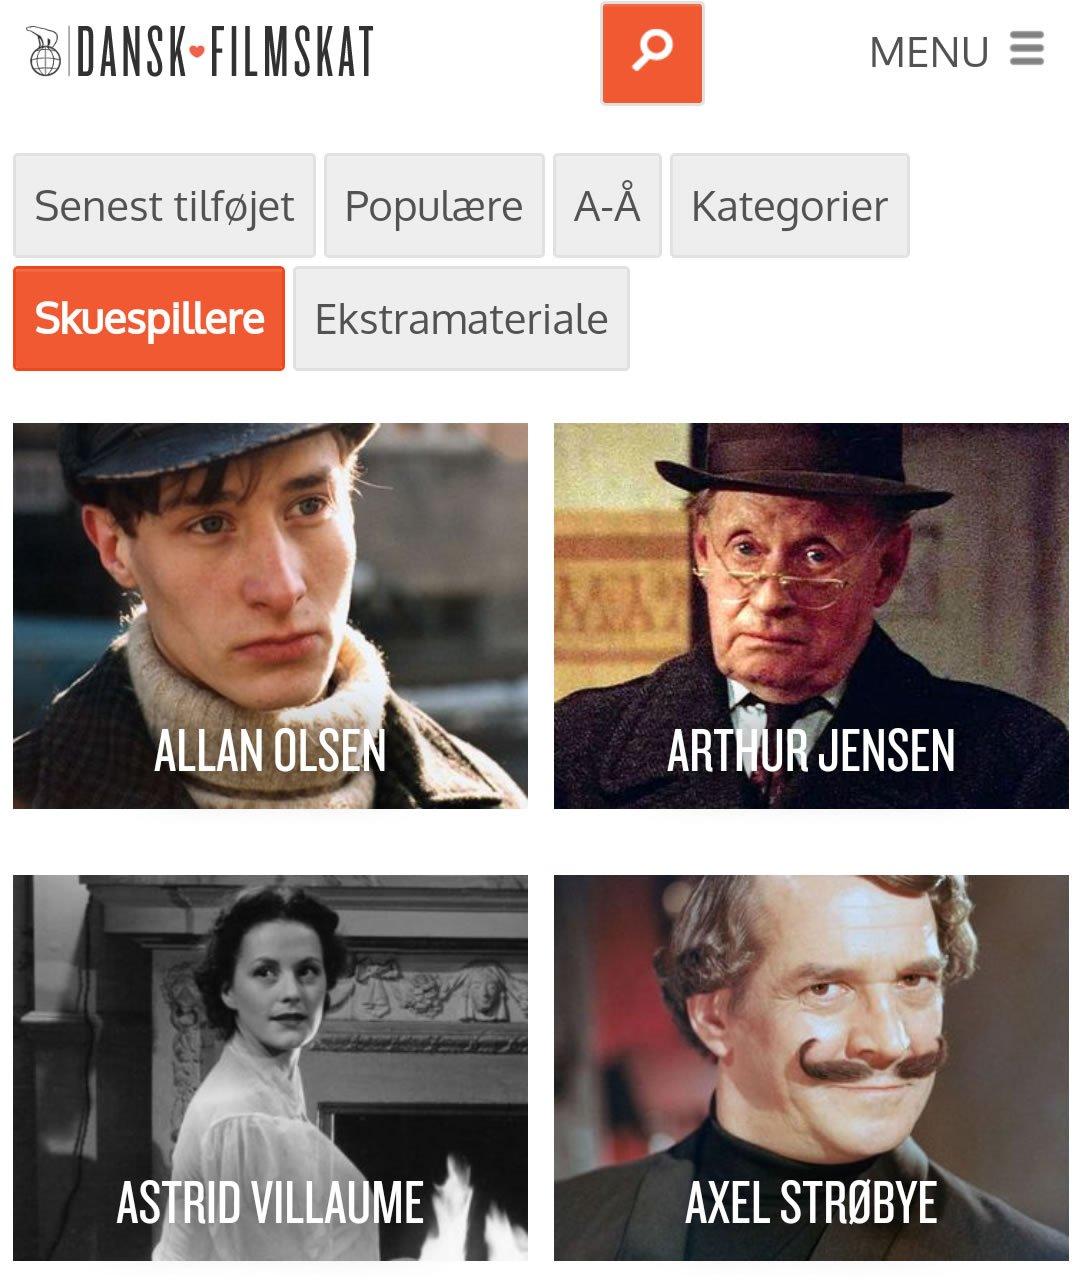 dansk filmskat skuespillere